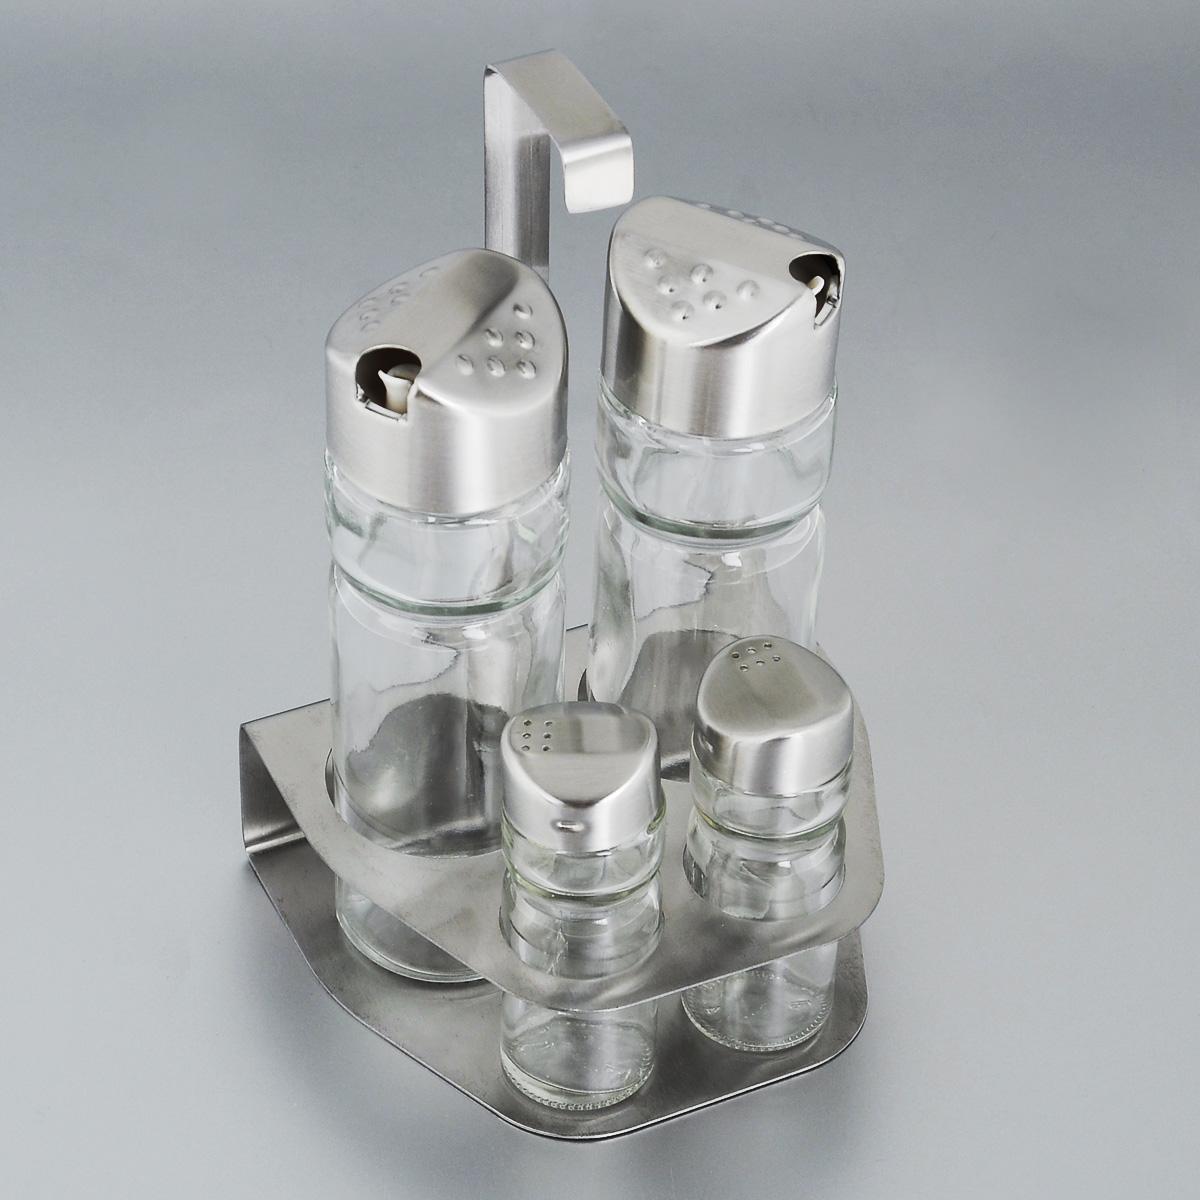 Набор для специй Bekker, 5 предметов. BK-3097Ветерок 2ГФНабор для специй Bekker состоит из солонки, перечницы, двух дозаторов для масла и уксуса и подставки. Емкости выполнены из стекла и оснащены металлическими крышками. В комплекте имеется подставка из нержавеющей стали с матовой полировкой. Такой набор стильно украсит кухонный стол, а благодаря качеству материалов и высококлассной обработке прослужит долгие годы.Высота солонки/перечницы: 9 см. Диаметр солонки/перечницы: 3 см. Объем дозаторов: 150 мл. Высота дозаторов: 16 см. Диаметр дозаторов: 5 см. Размер подставки (ДхШхВ): 12,5 см х 11 см х 19,5 см. Высота солонки/перечницы: 9 см. Диаметр солонки/перечницы: 3 см. Объем дозаторов: 150 мл. Высота дозаторов: 16 см. Диаметр дозаторов: 5 см. Размер подставки (ДхШхВ): 12,5 см х 11 см х 19,5 см.